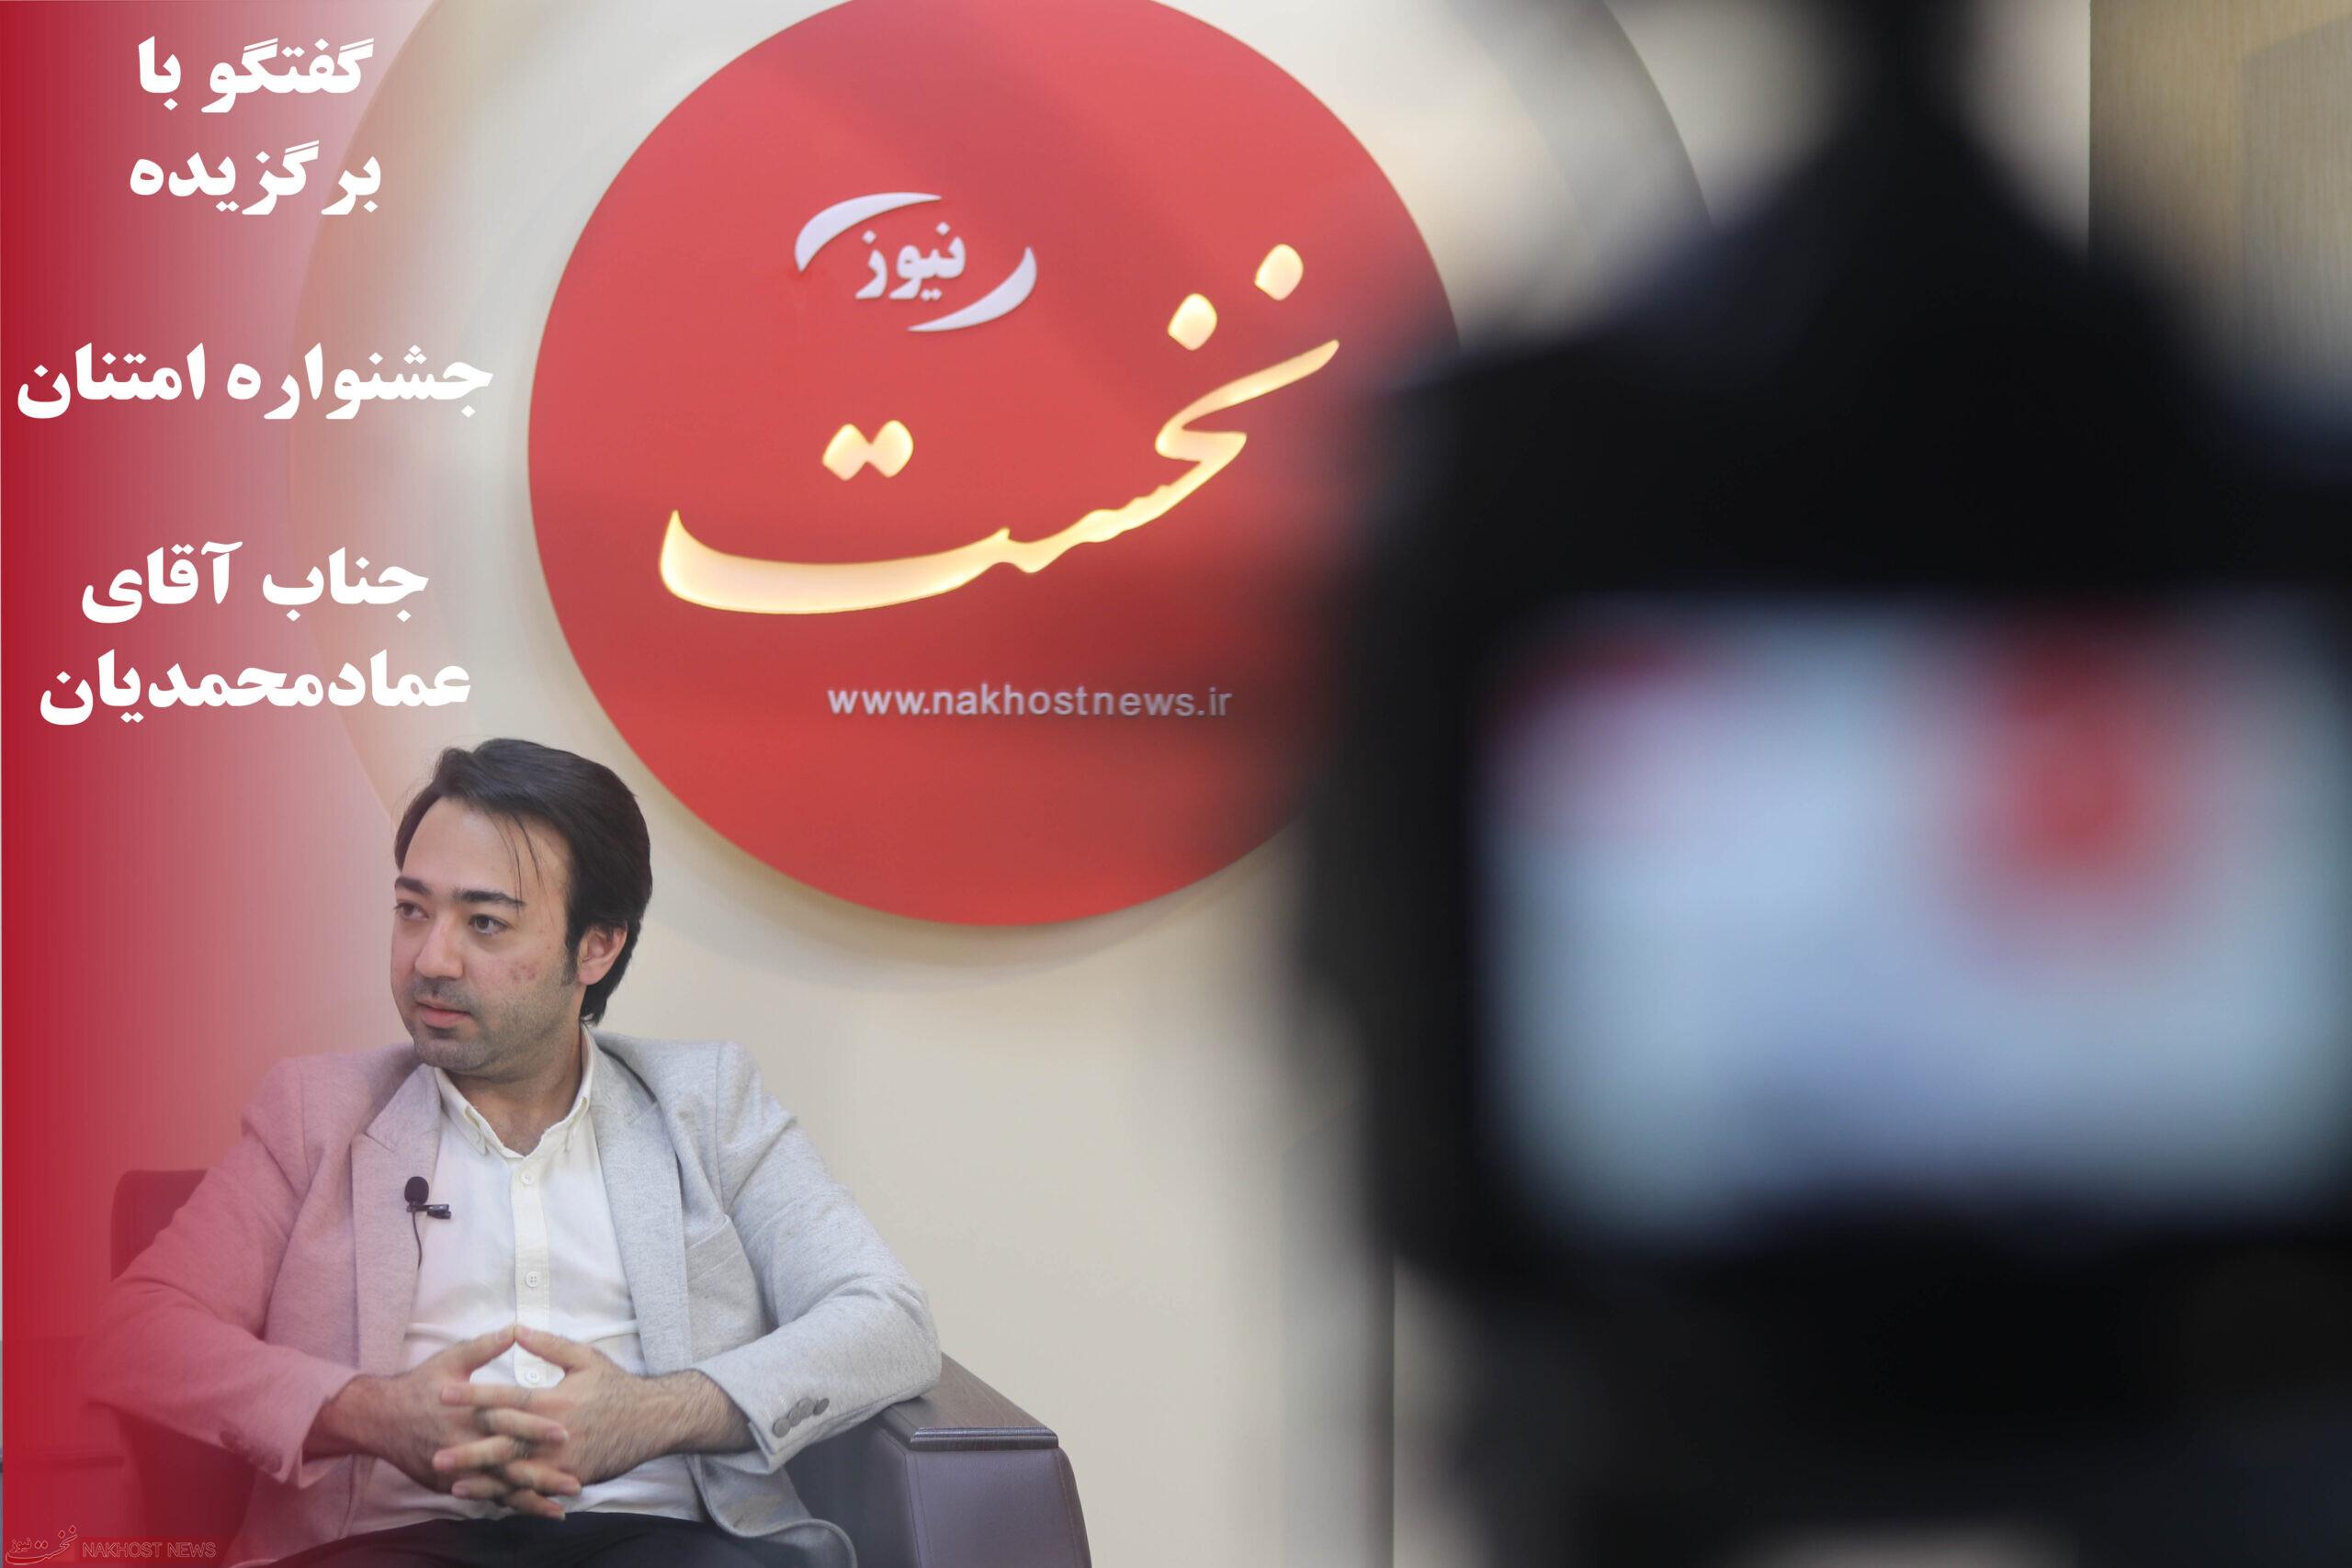 گفتگو با جناب آقای محمدیان ، برگزیده جشنواره امتنان